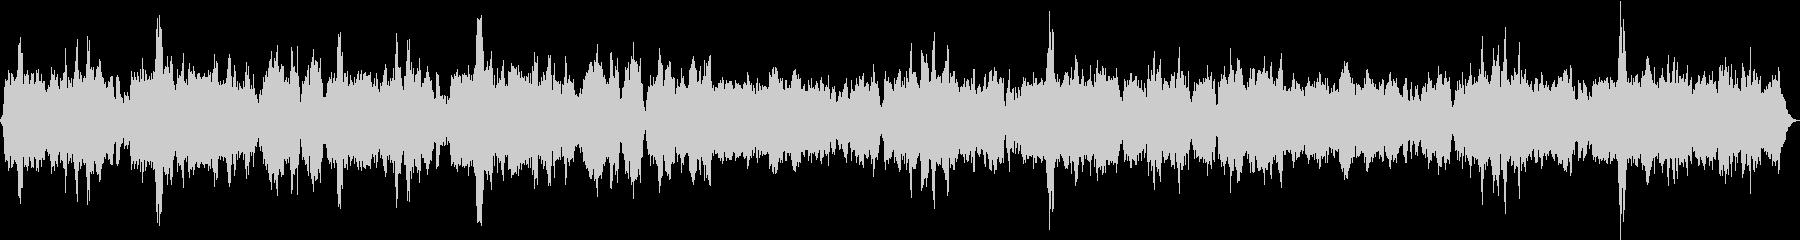 フランツ・ヨーゼフ・ハイドンのカバーの未再生の波形